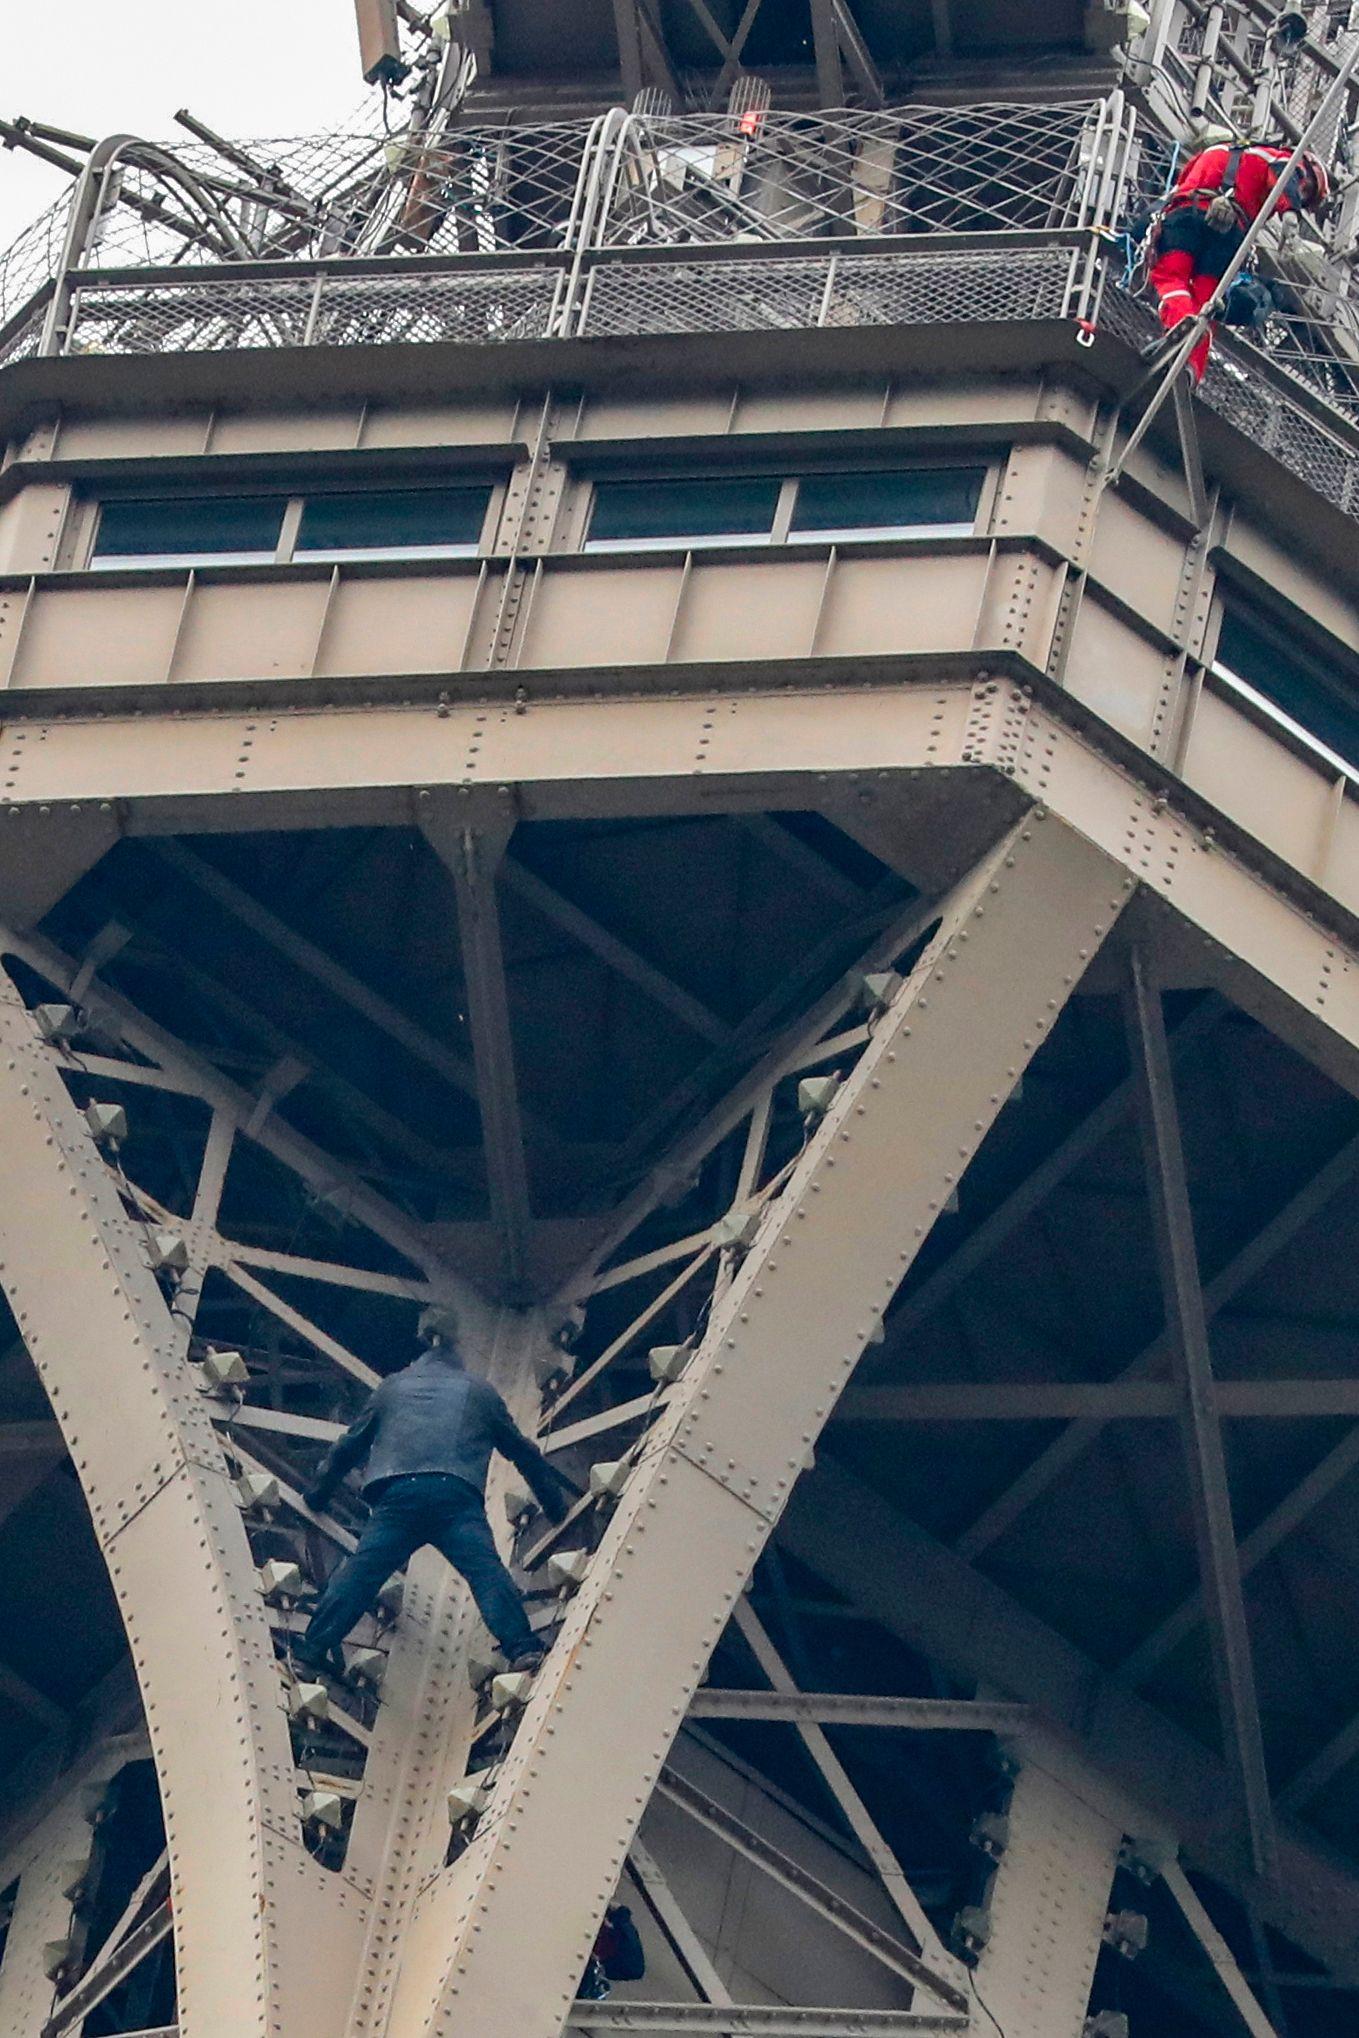 한 남성이20일(현지시간) 맨손으로 에펠탑 3층 밑에서 출동한 구조대와 대화하고 있다.  [AFP=연합뉴스]